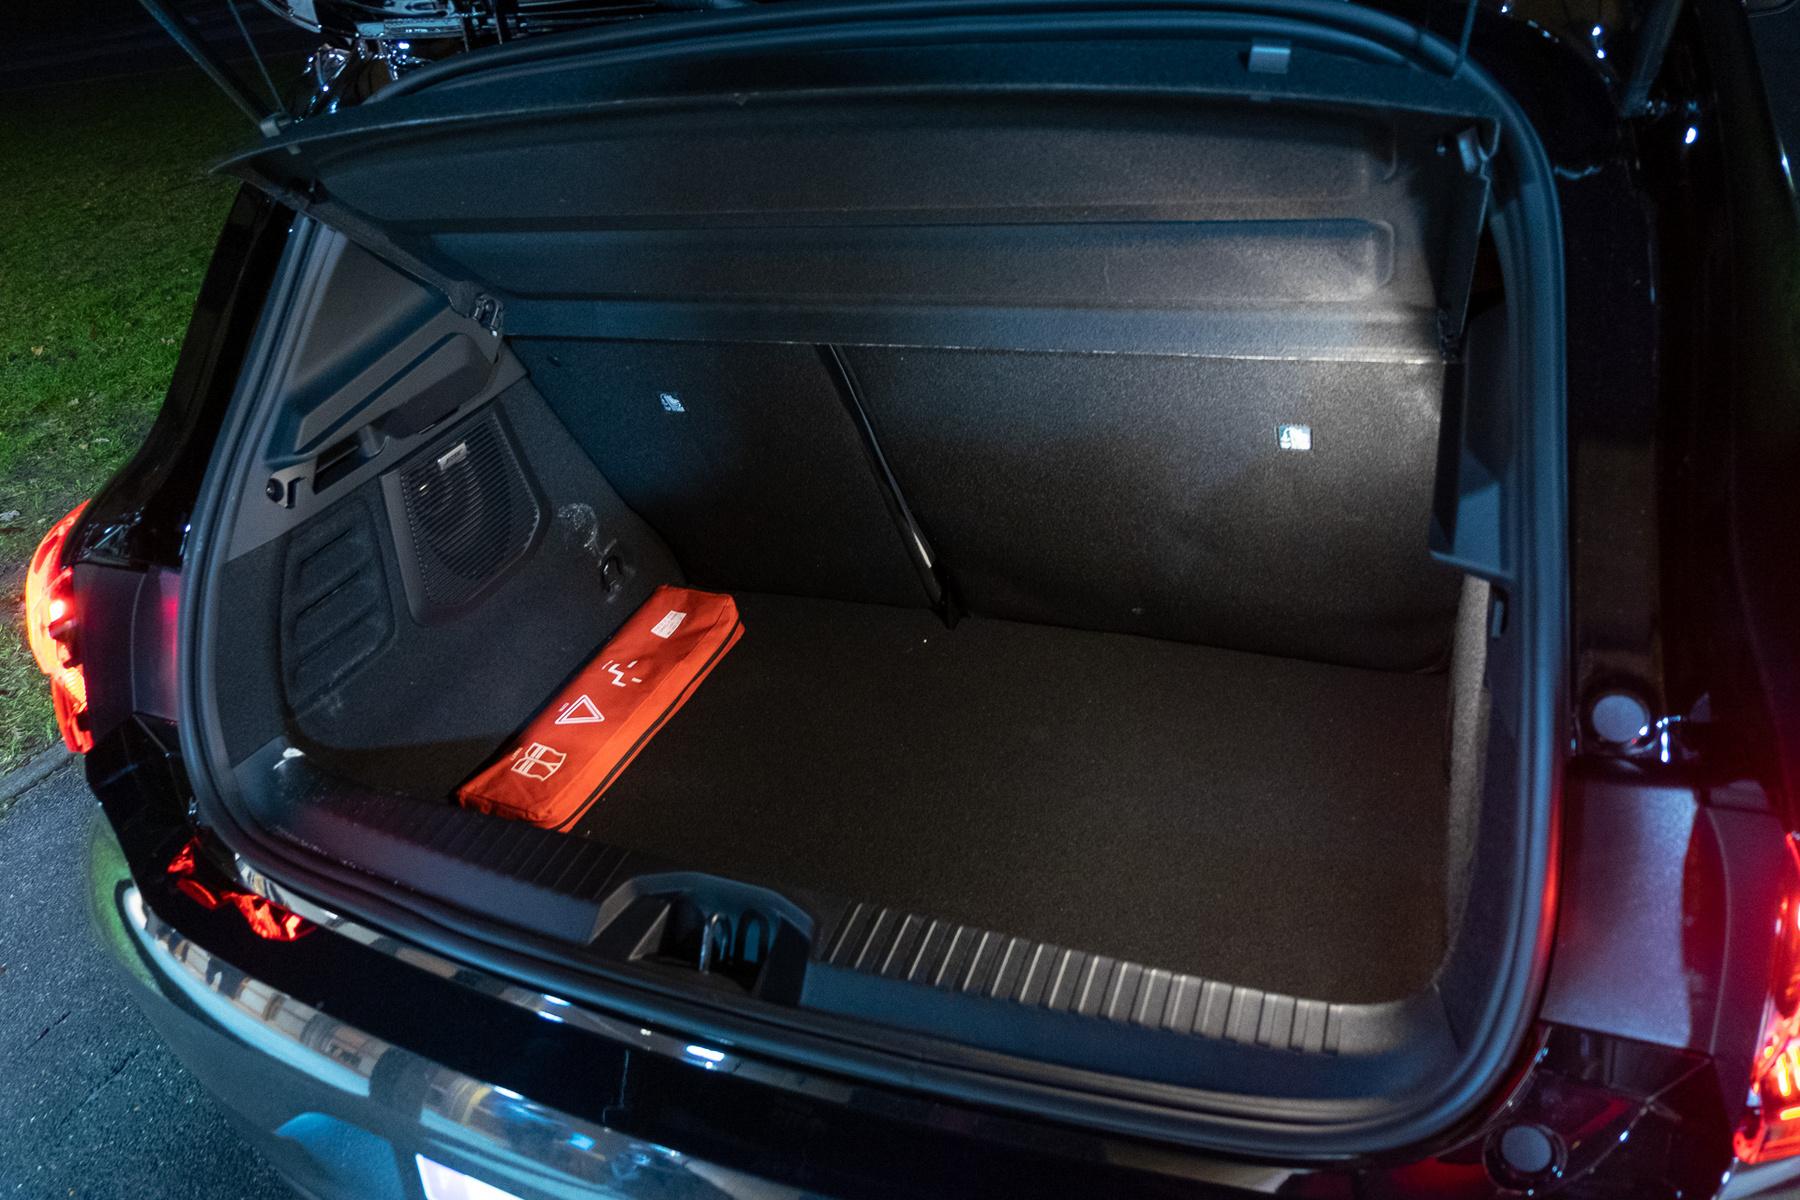 Maradt a 300 literes csomagtartó, alatta az 1,2 kWh-s akku